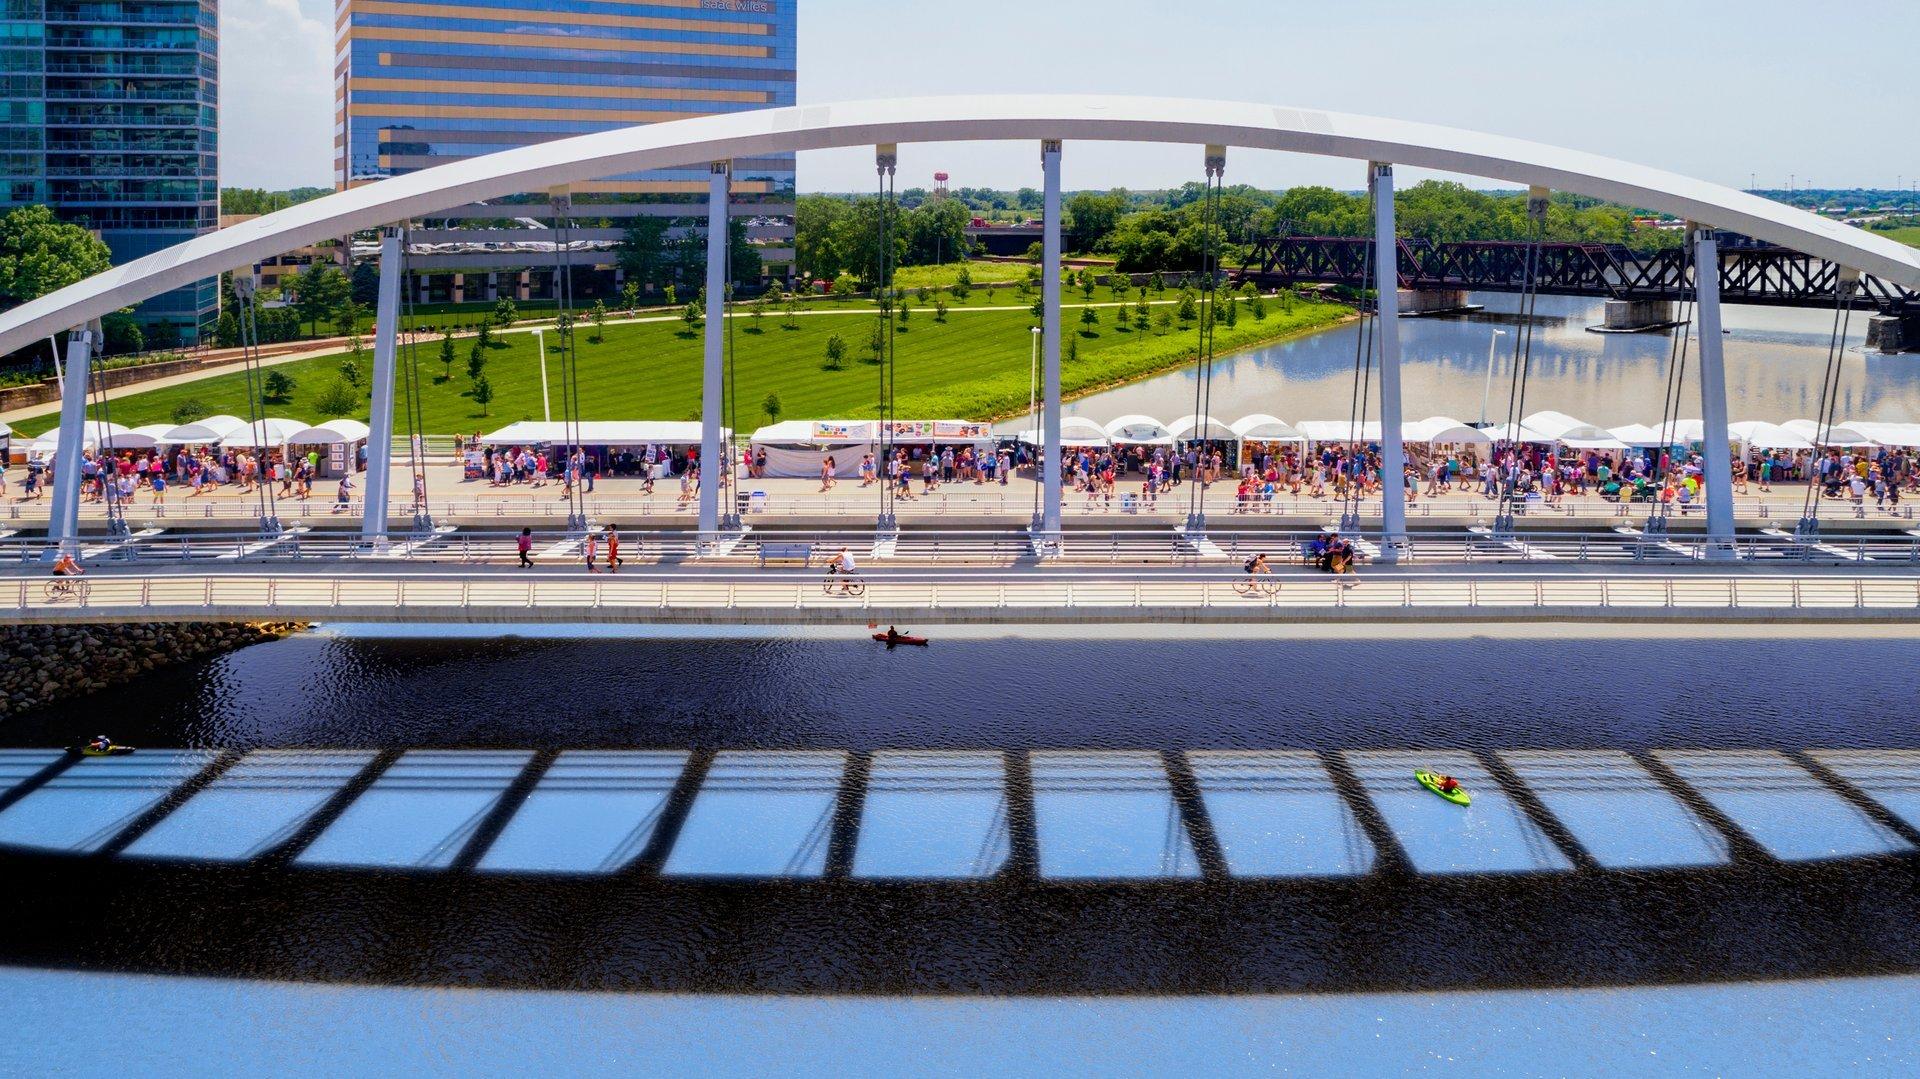 Columbus Arts Festival in Ohio - Best Season 2020